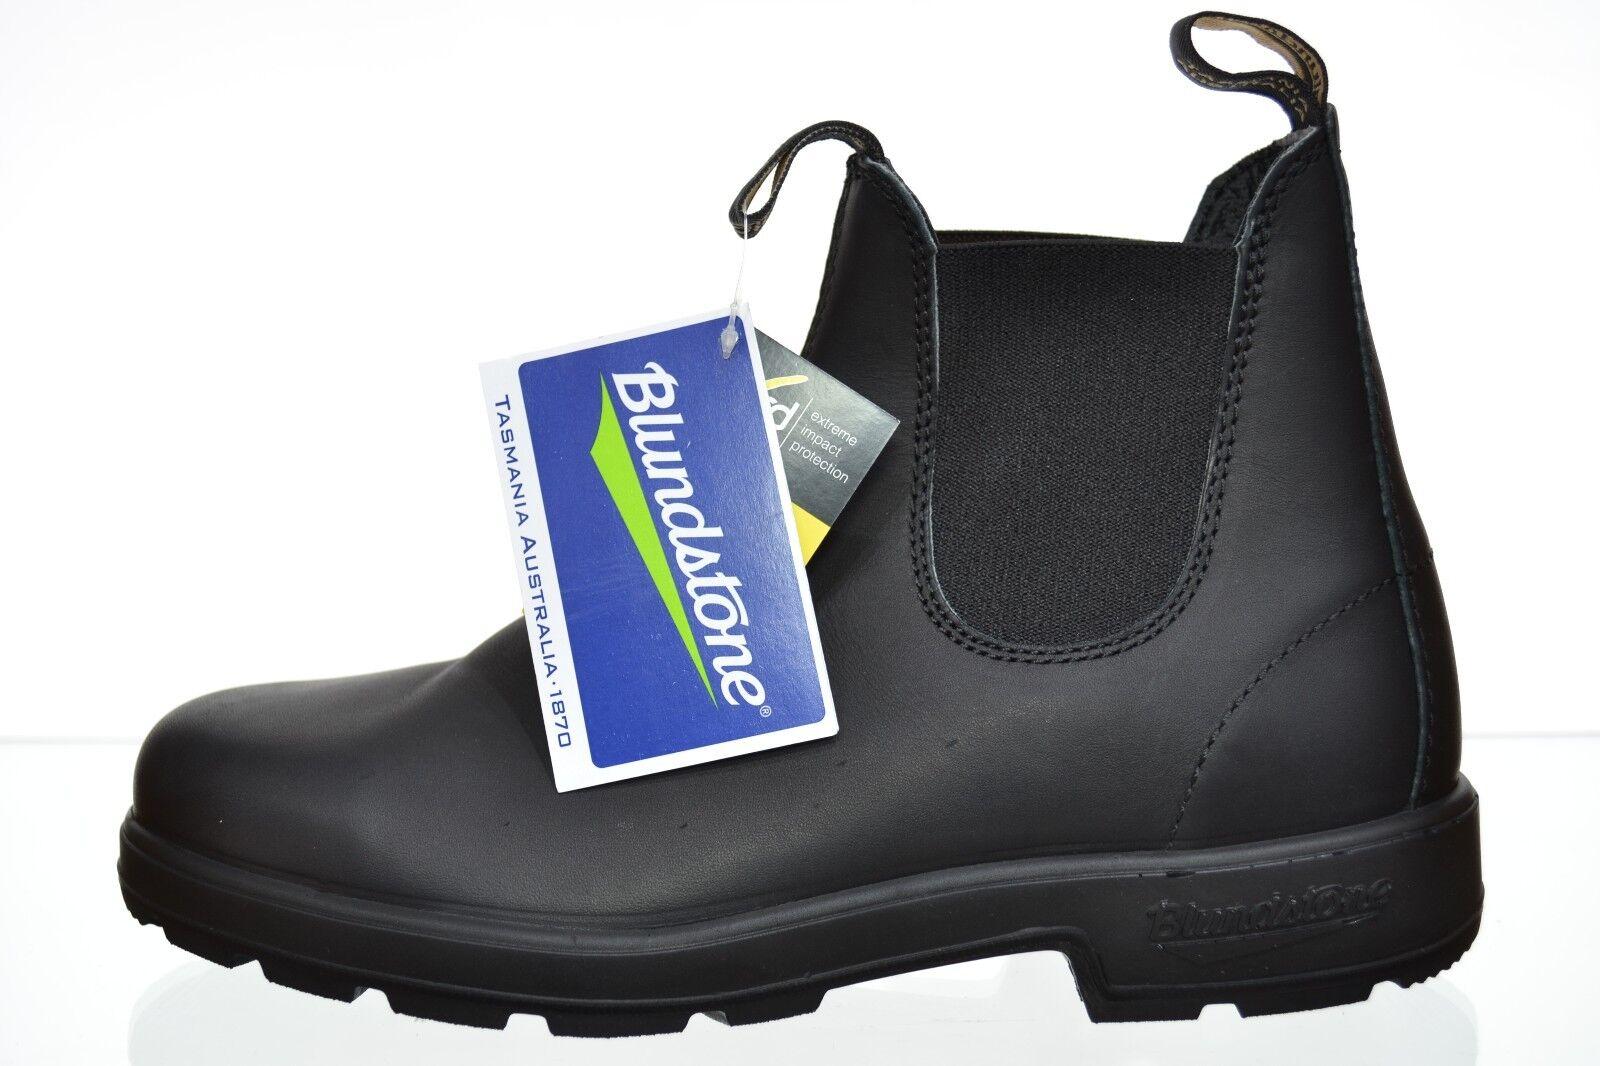 blundstone 510 Stiefeletten AUSTRALIER schwarz premium Leder schwarz Farbe